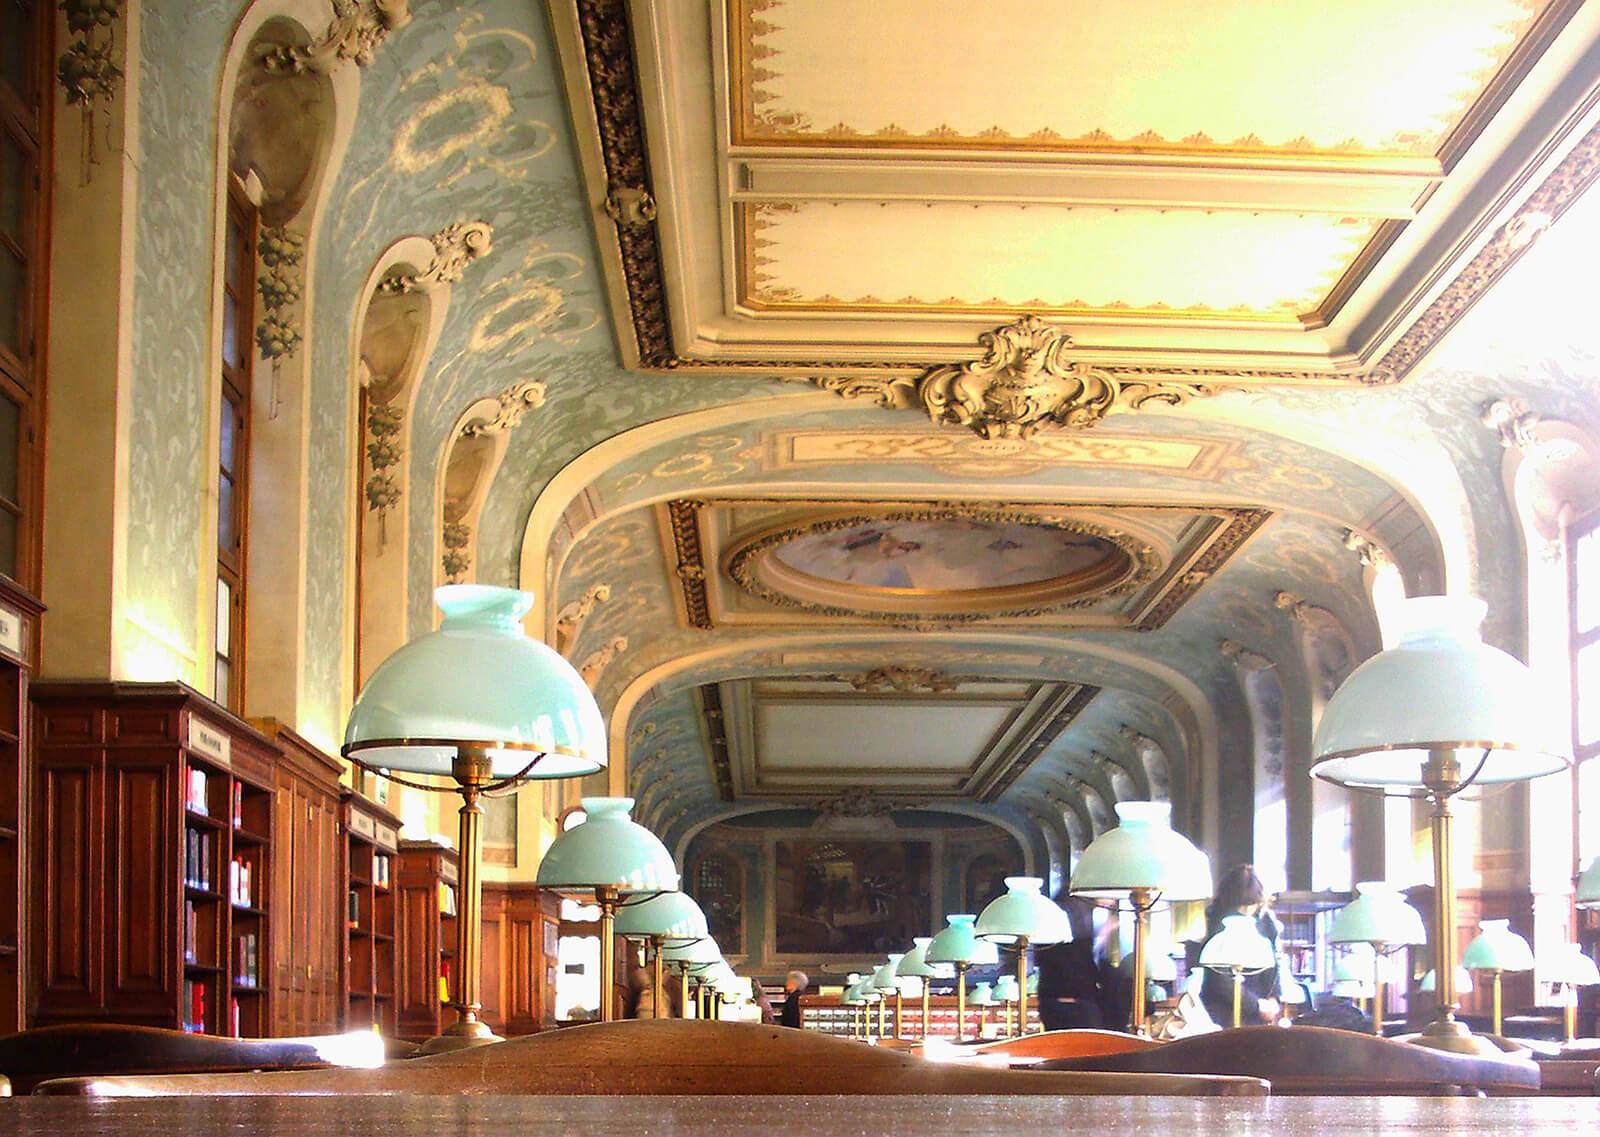 La Sorbonne Reading Room, Paris, France